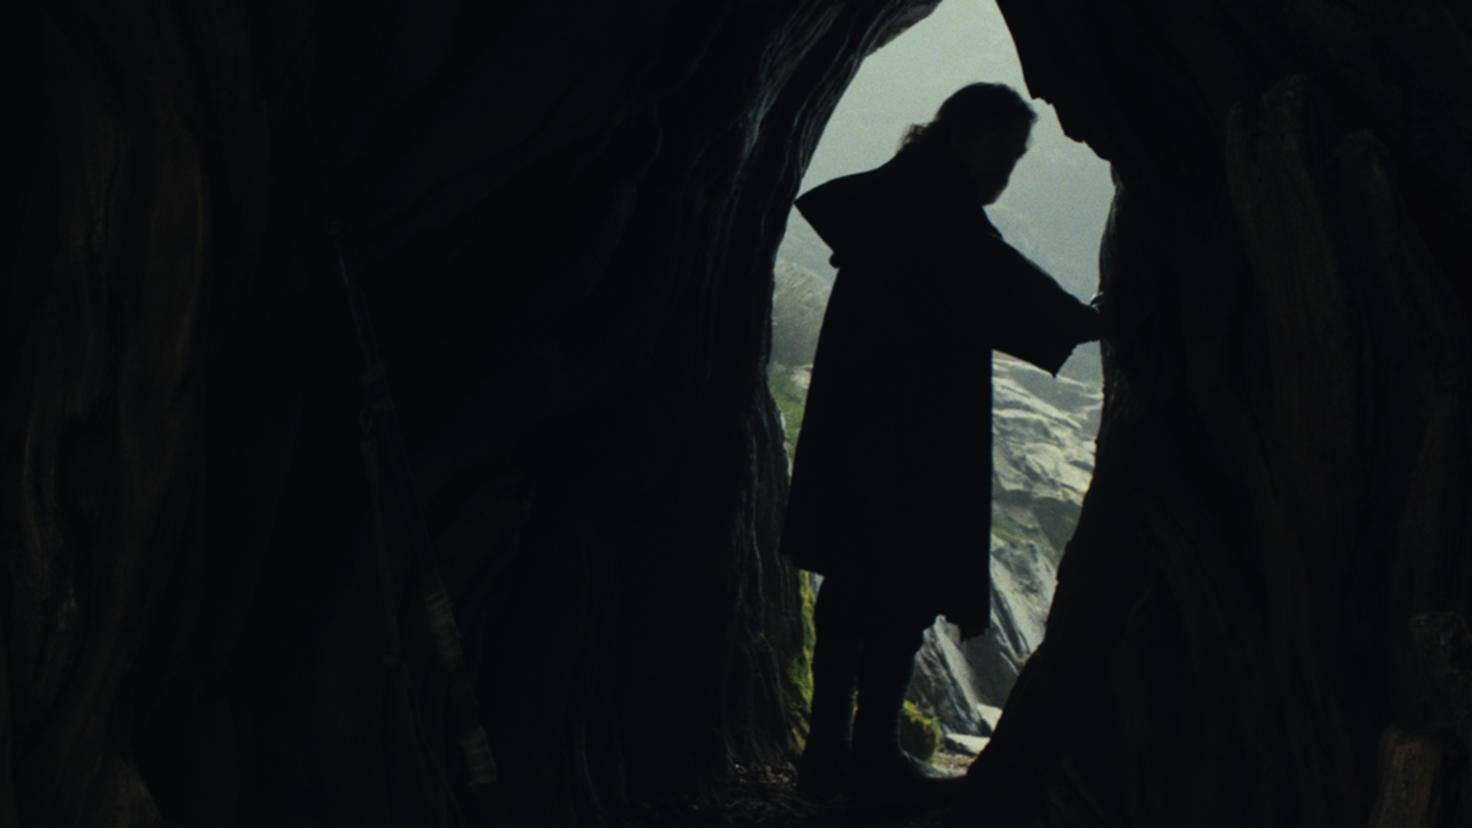 Viele Jahre lebte Luke Skywalker unentdeckt auf Ahch-to.